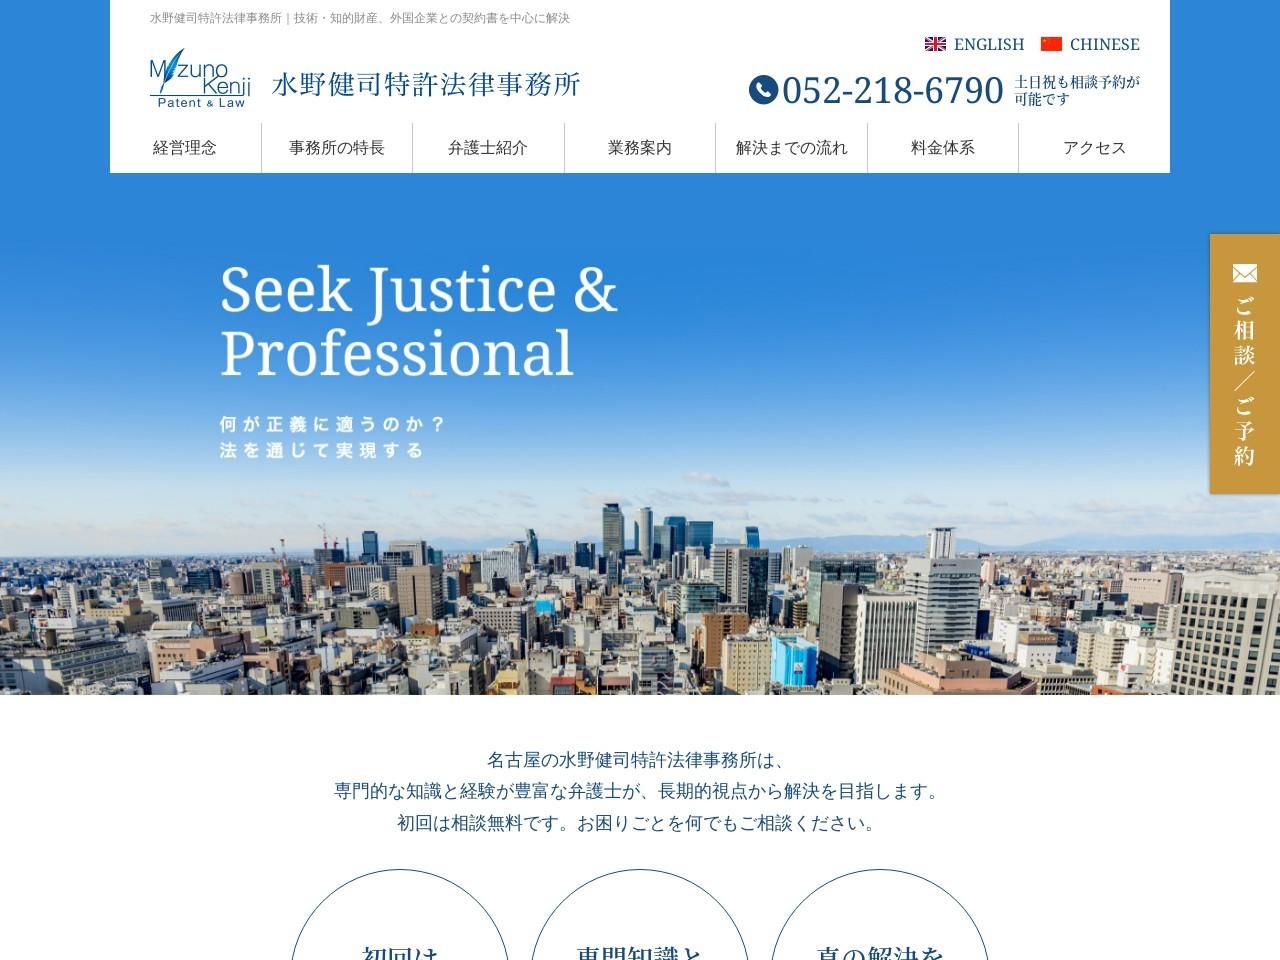 水野健司特許法律事務所